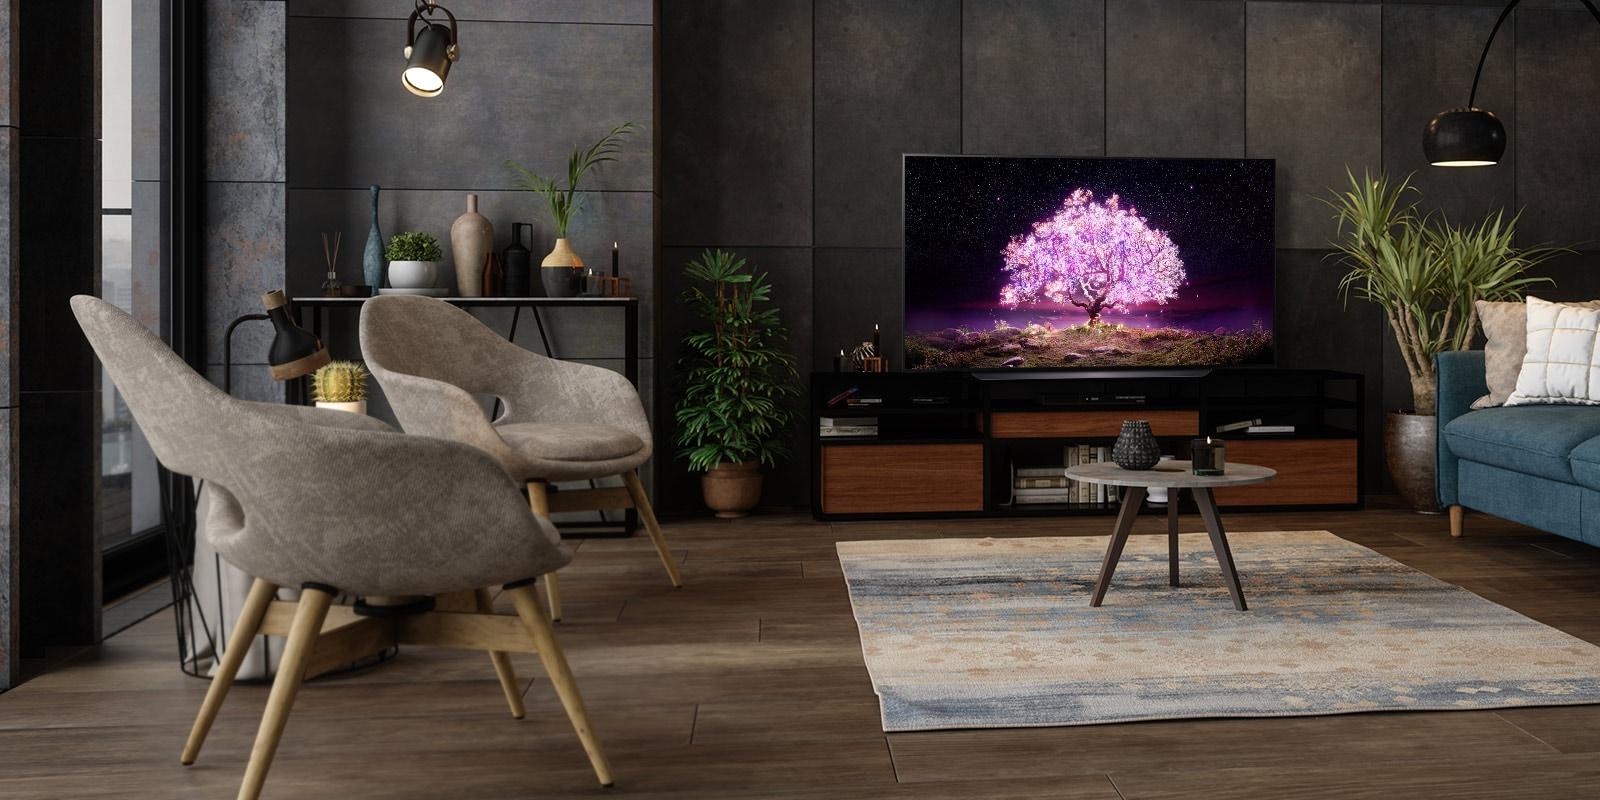 Een tv met een boom die paars uitstraalt in een luxe huis